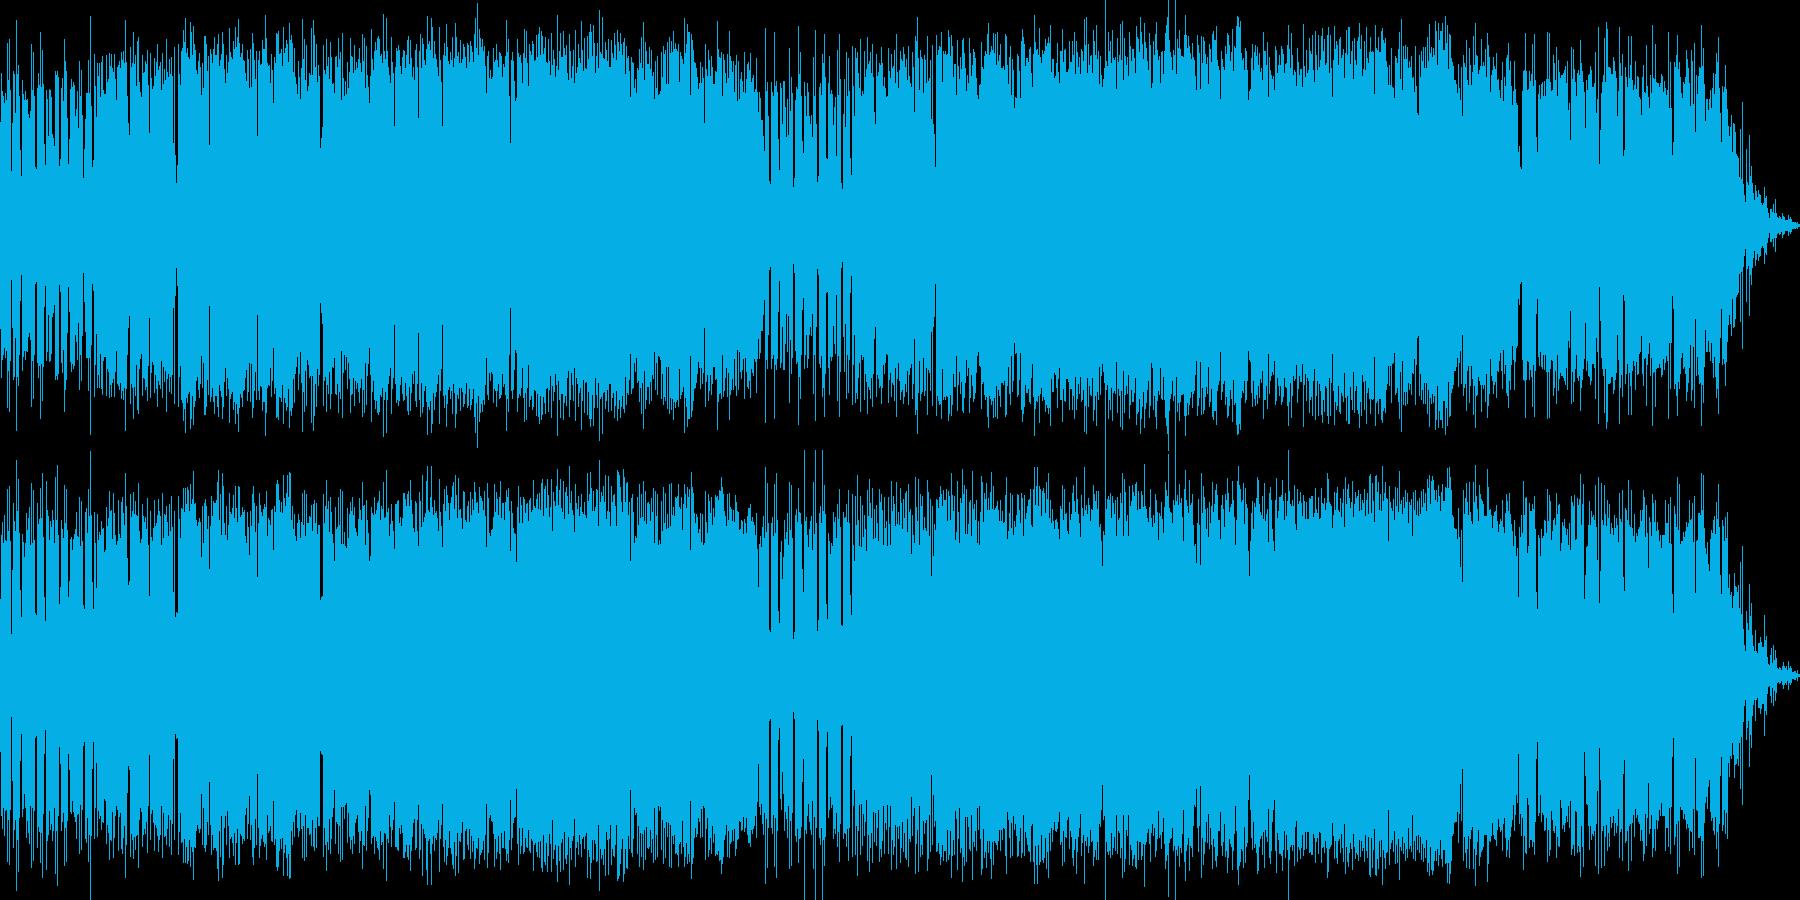 ムードある夏のメロディの再生済みの波形